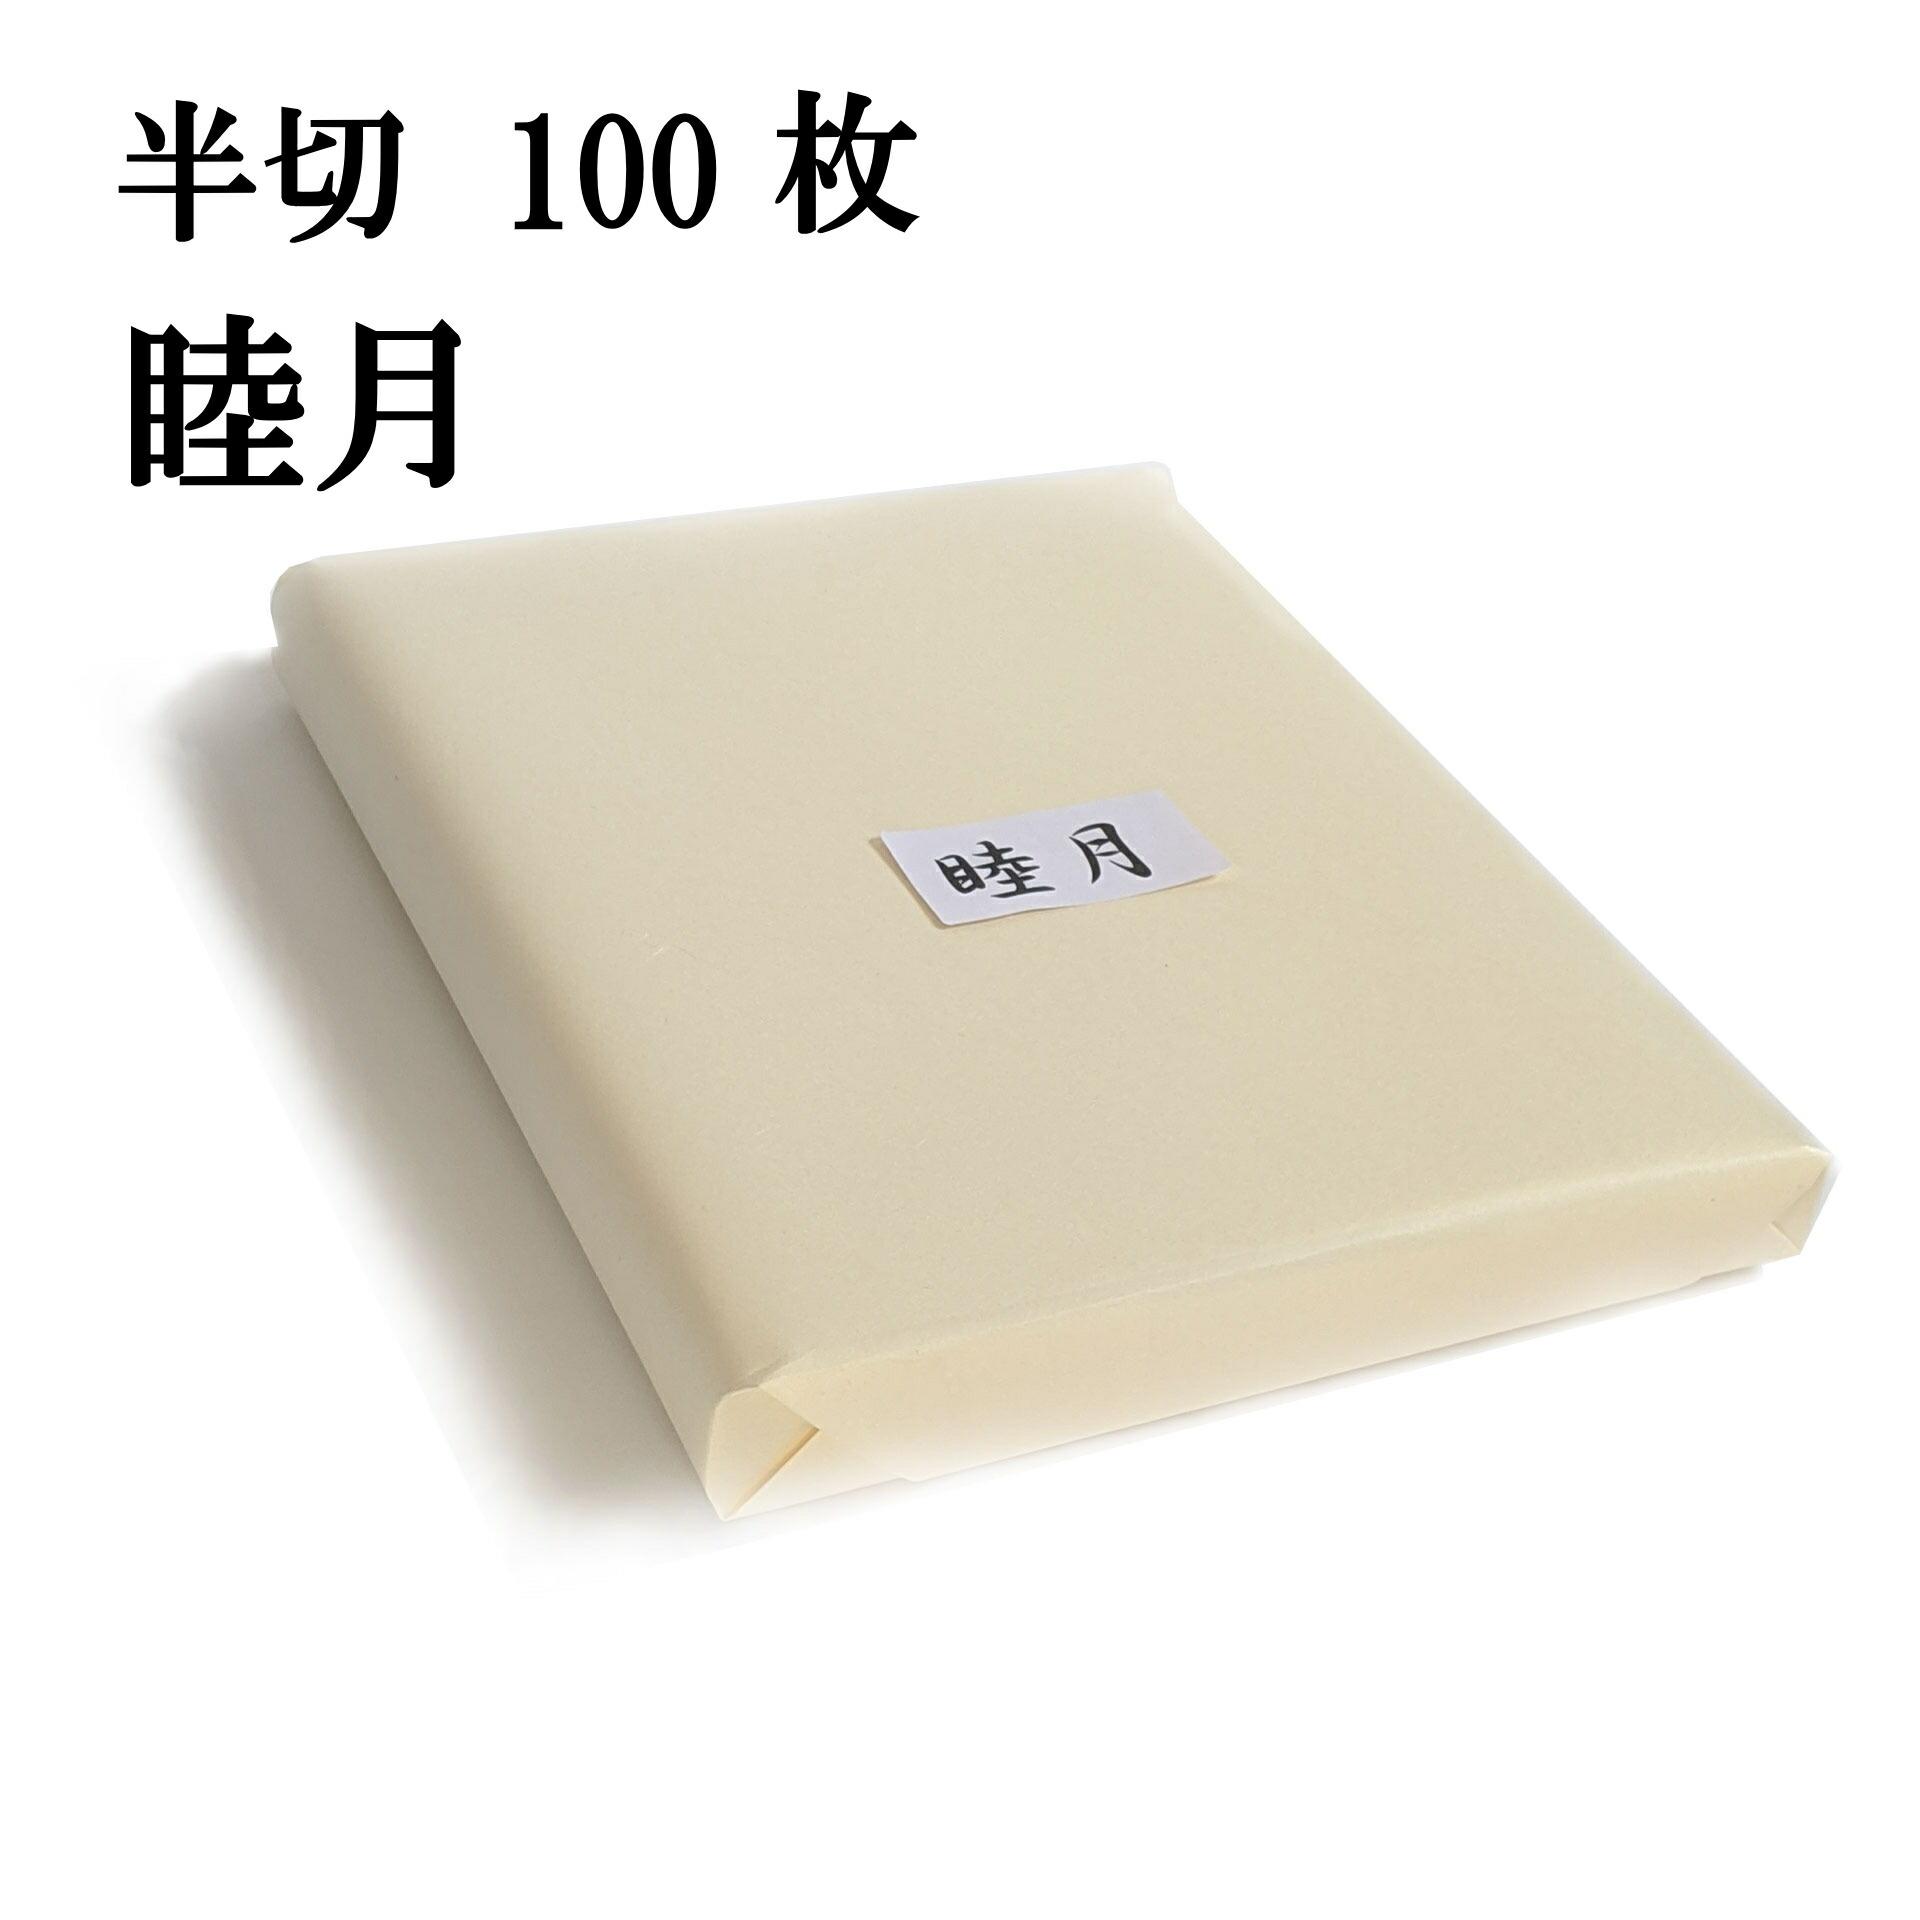 睦月画仙紙半切100枚